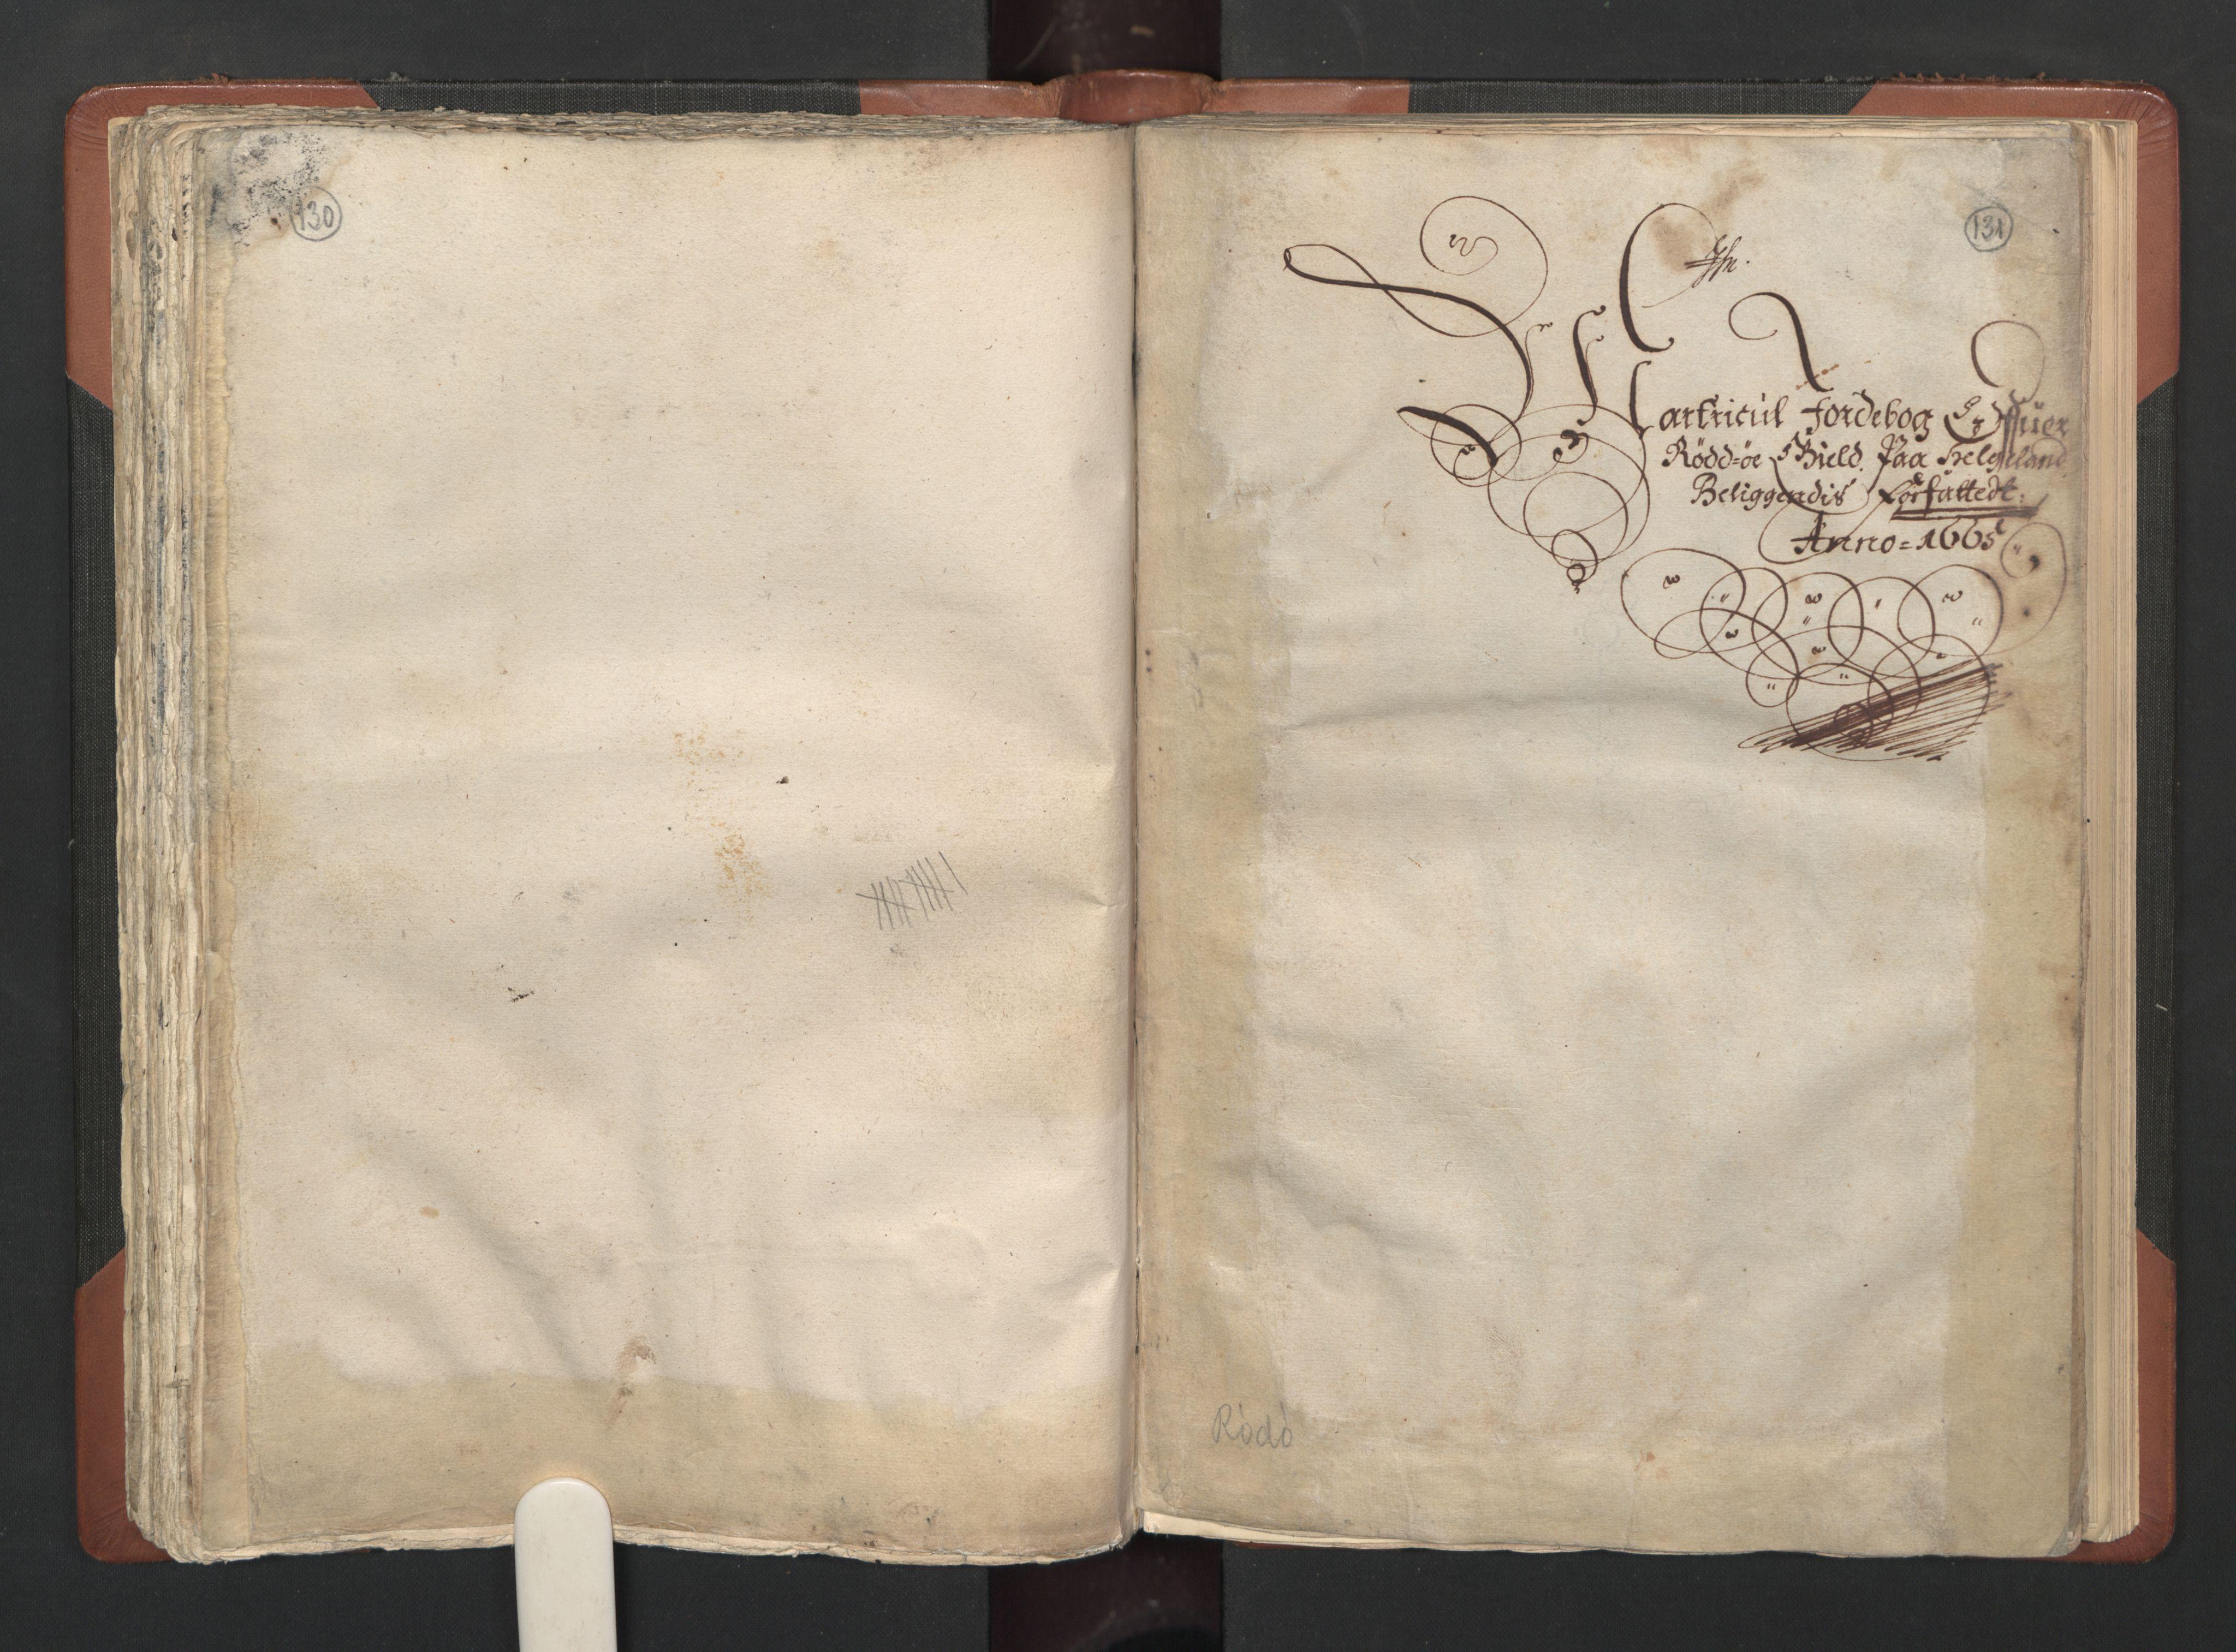 RA, Fogdenes og sorenskrivernes manntall 1664-1666, nr. 20: Fogderier (len og skipreider) i nåværende Nordland fylke, Troms fylke og Finnmark fylke, 1665, s. 130-131